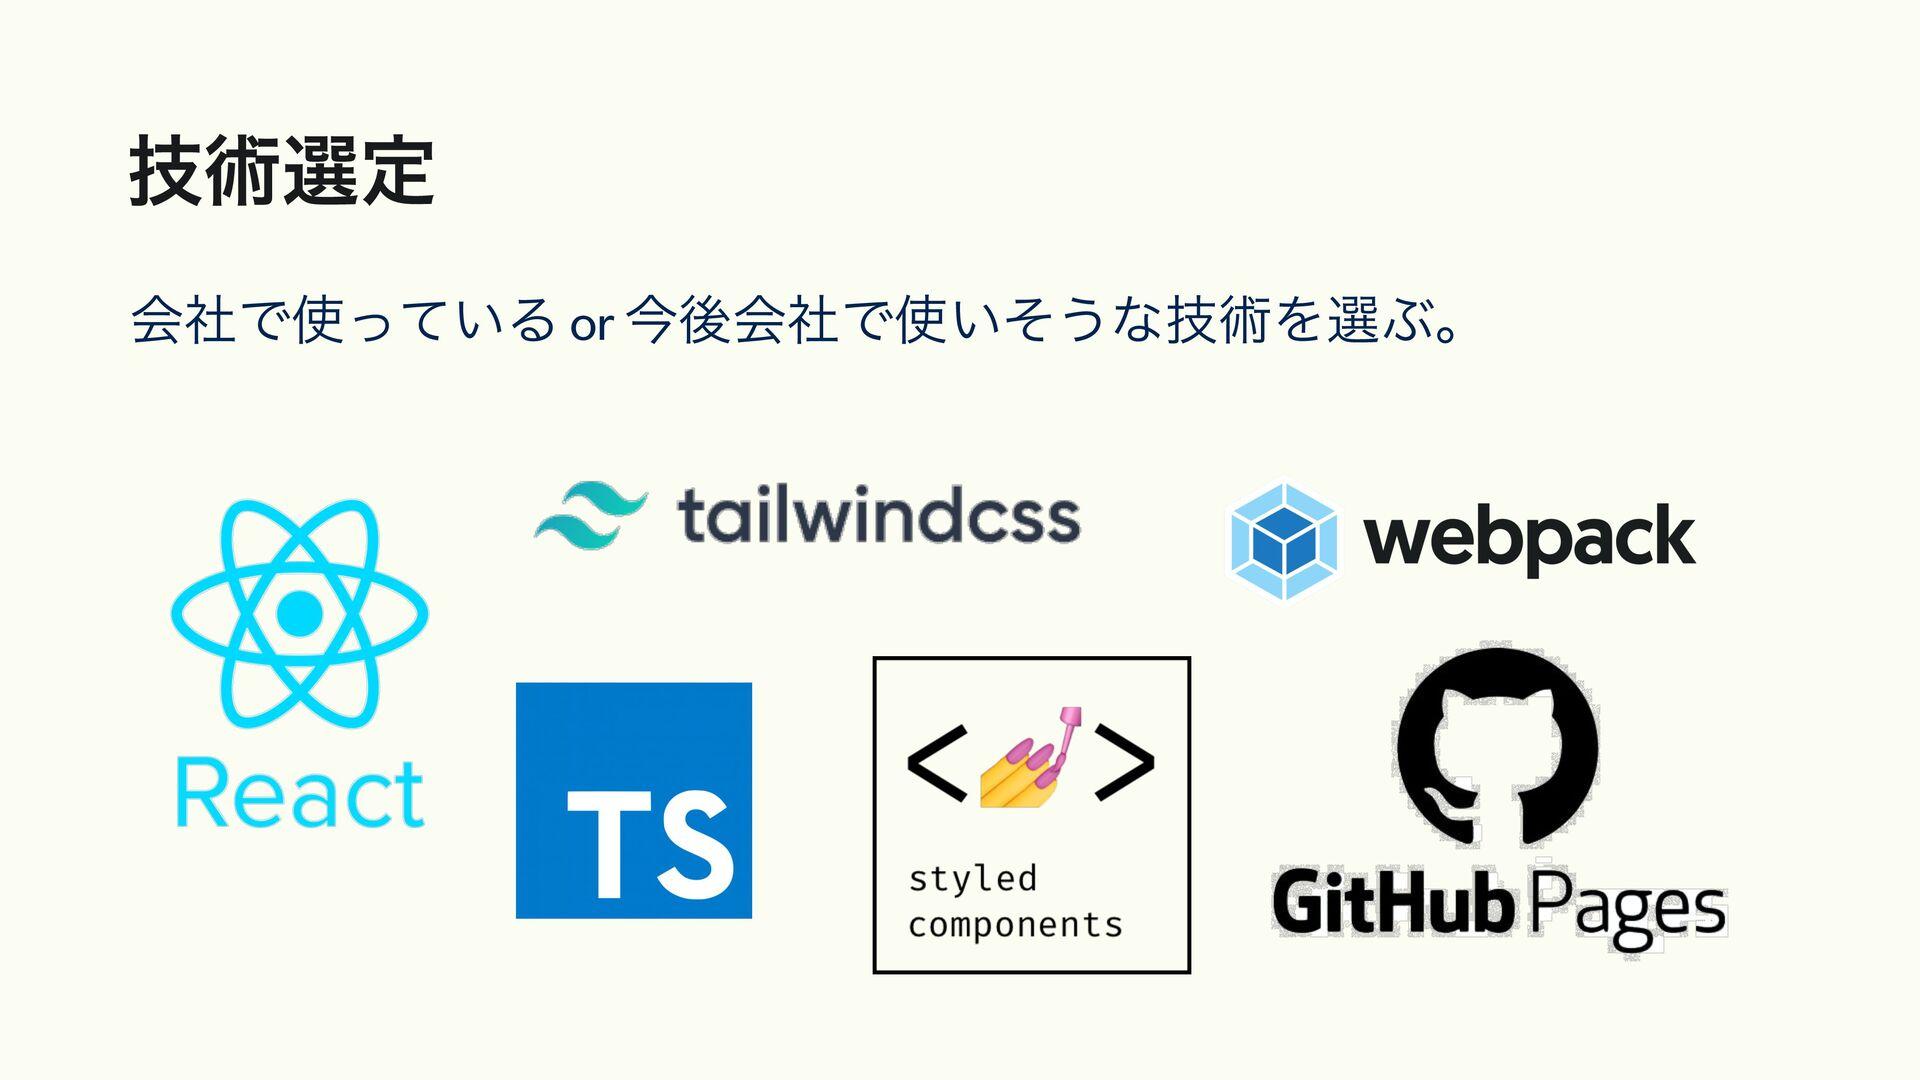 σβΠϯϓϩτΛ࡞Δ ʮUXPinʯͰϓϩτλΠϓΛ࡞͢Δ Mobile Preview ※...